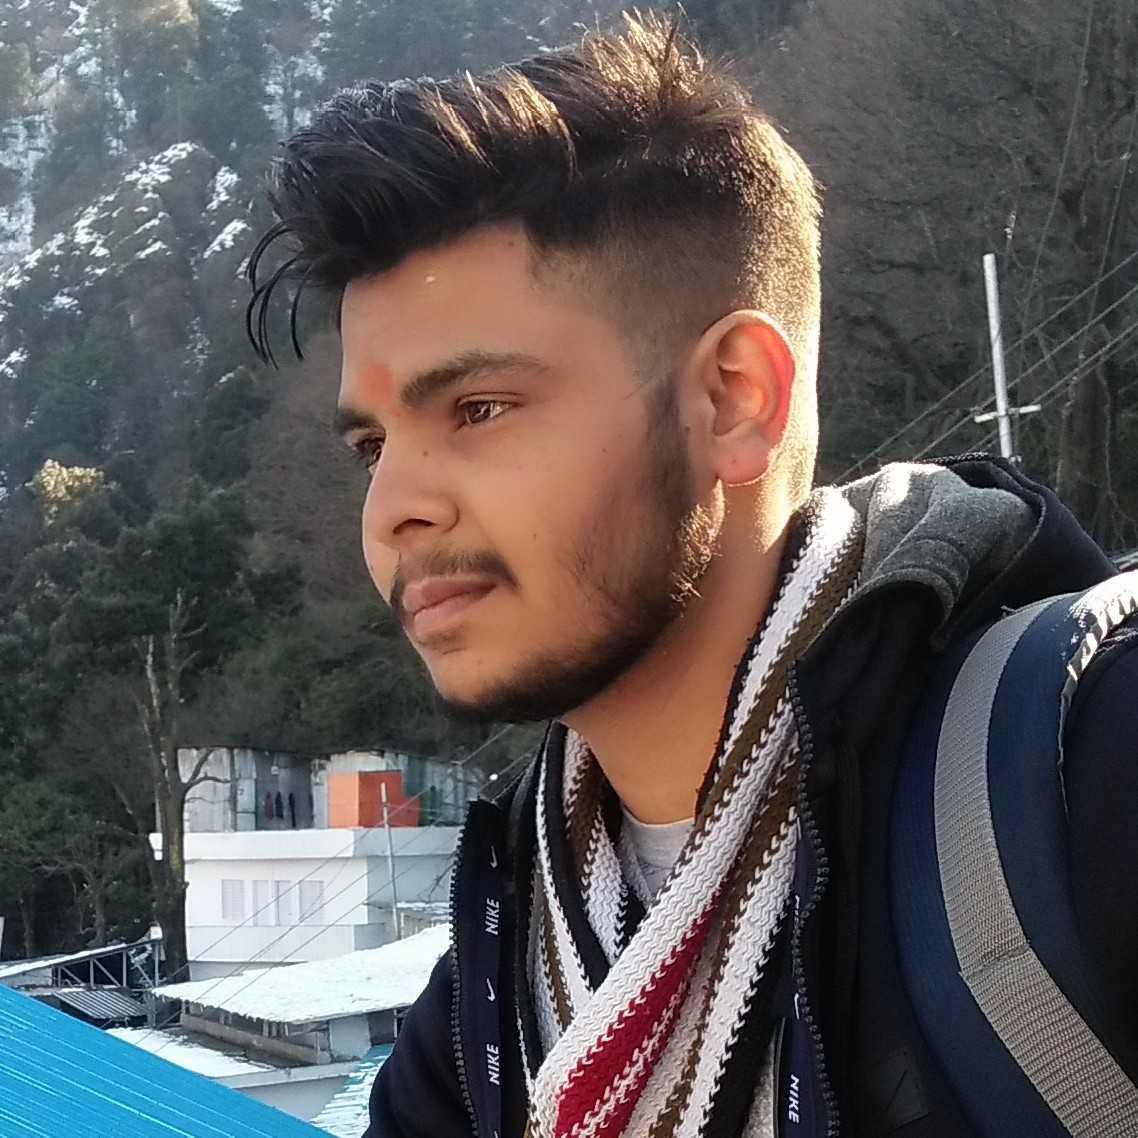 Danish Sharma